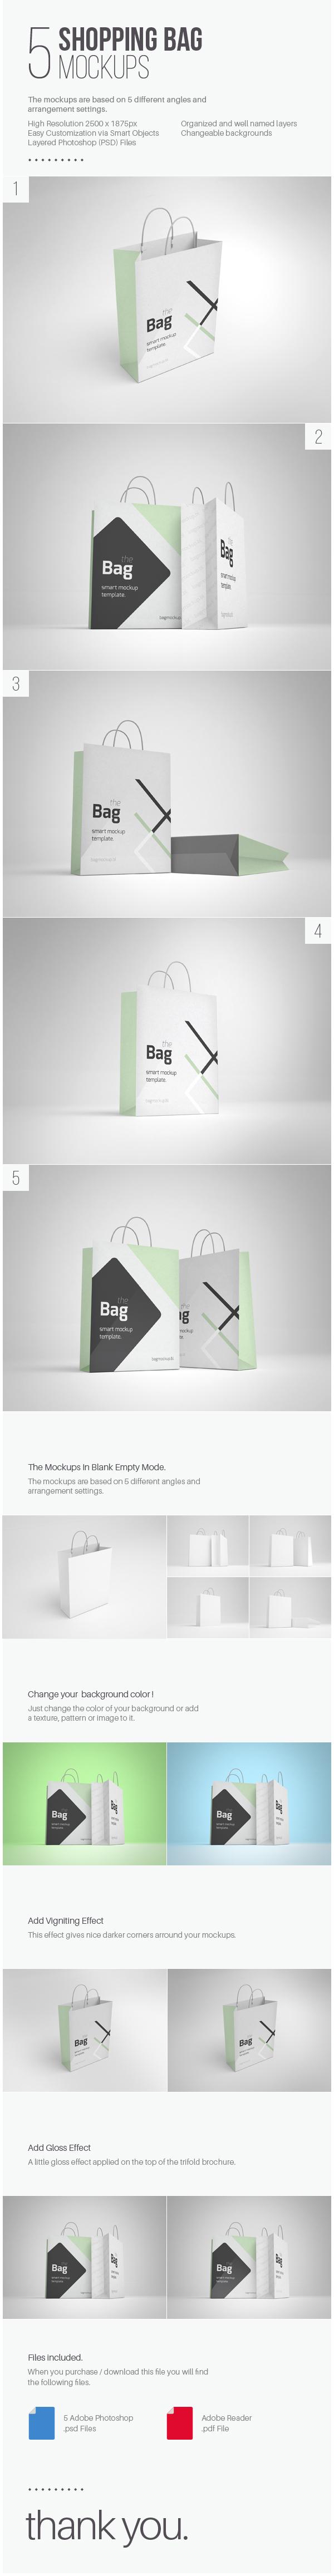 Download Free Bag Mockup Psd On Behance Bag Mockup Mockup Packaging Mockup